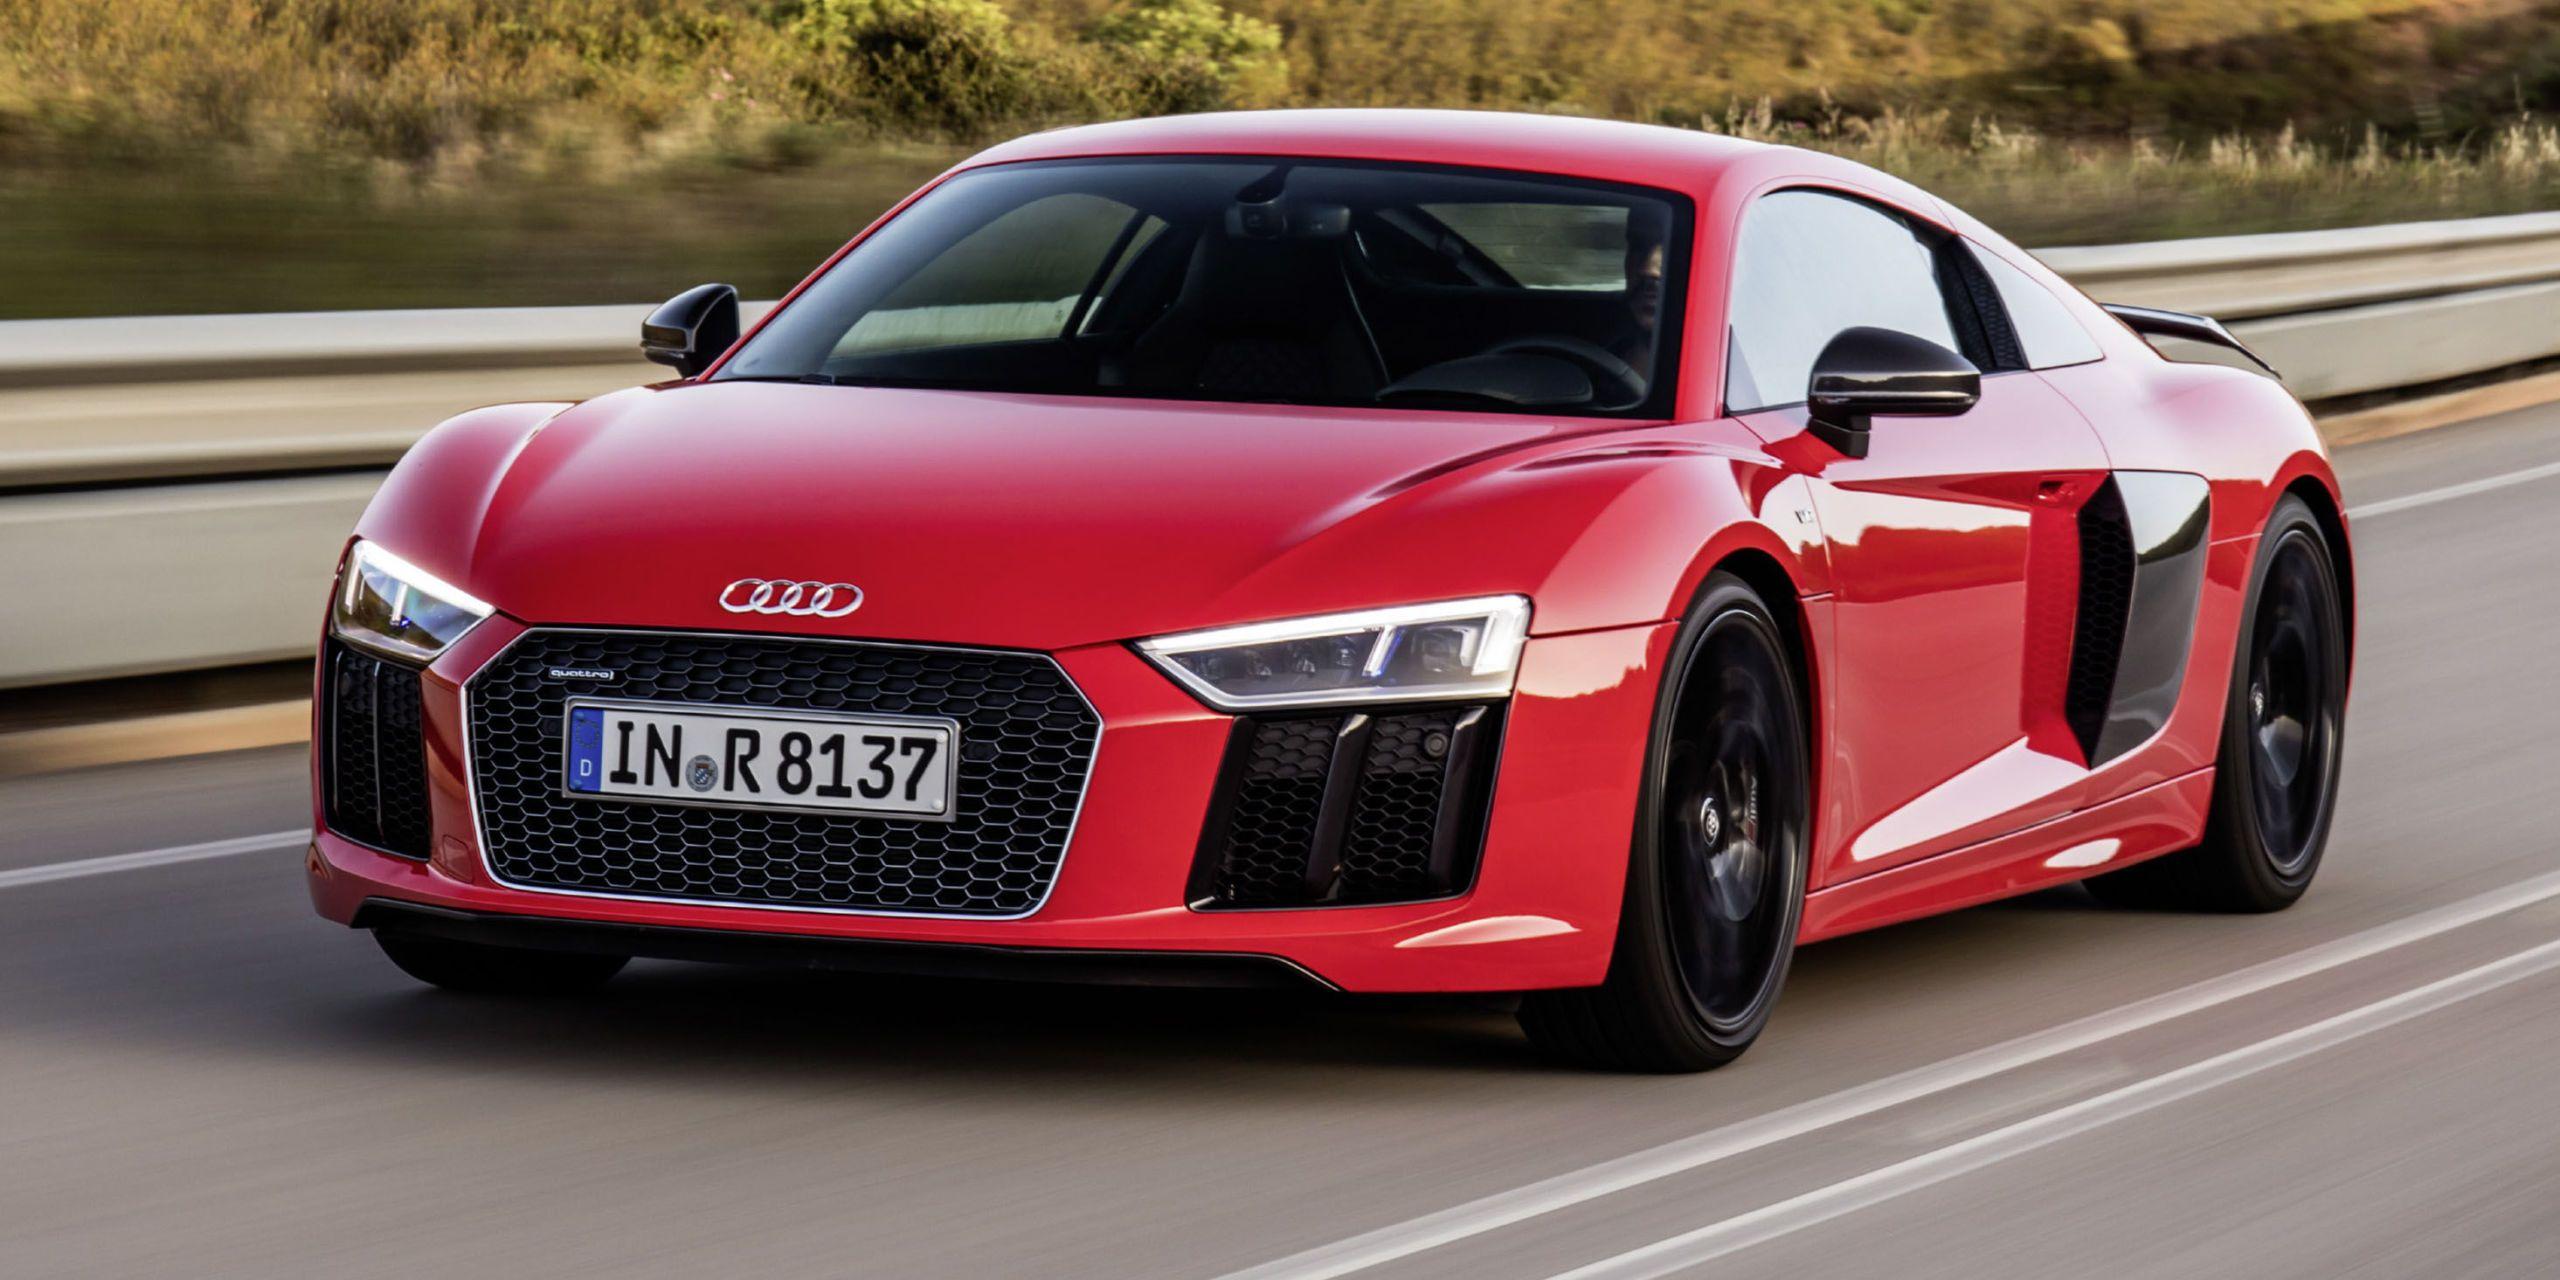 Audi r8 2016 v10 plus